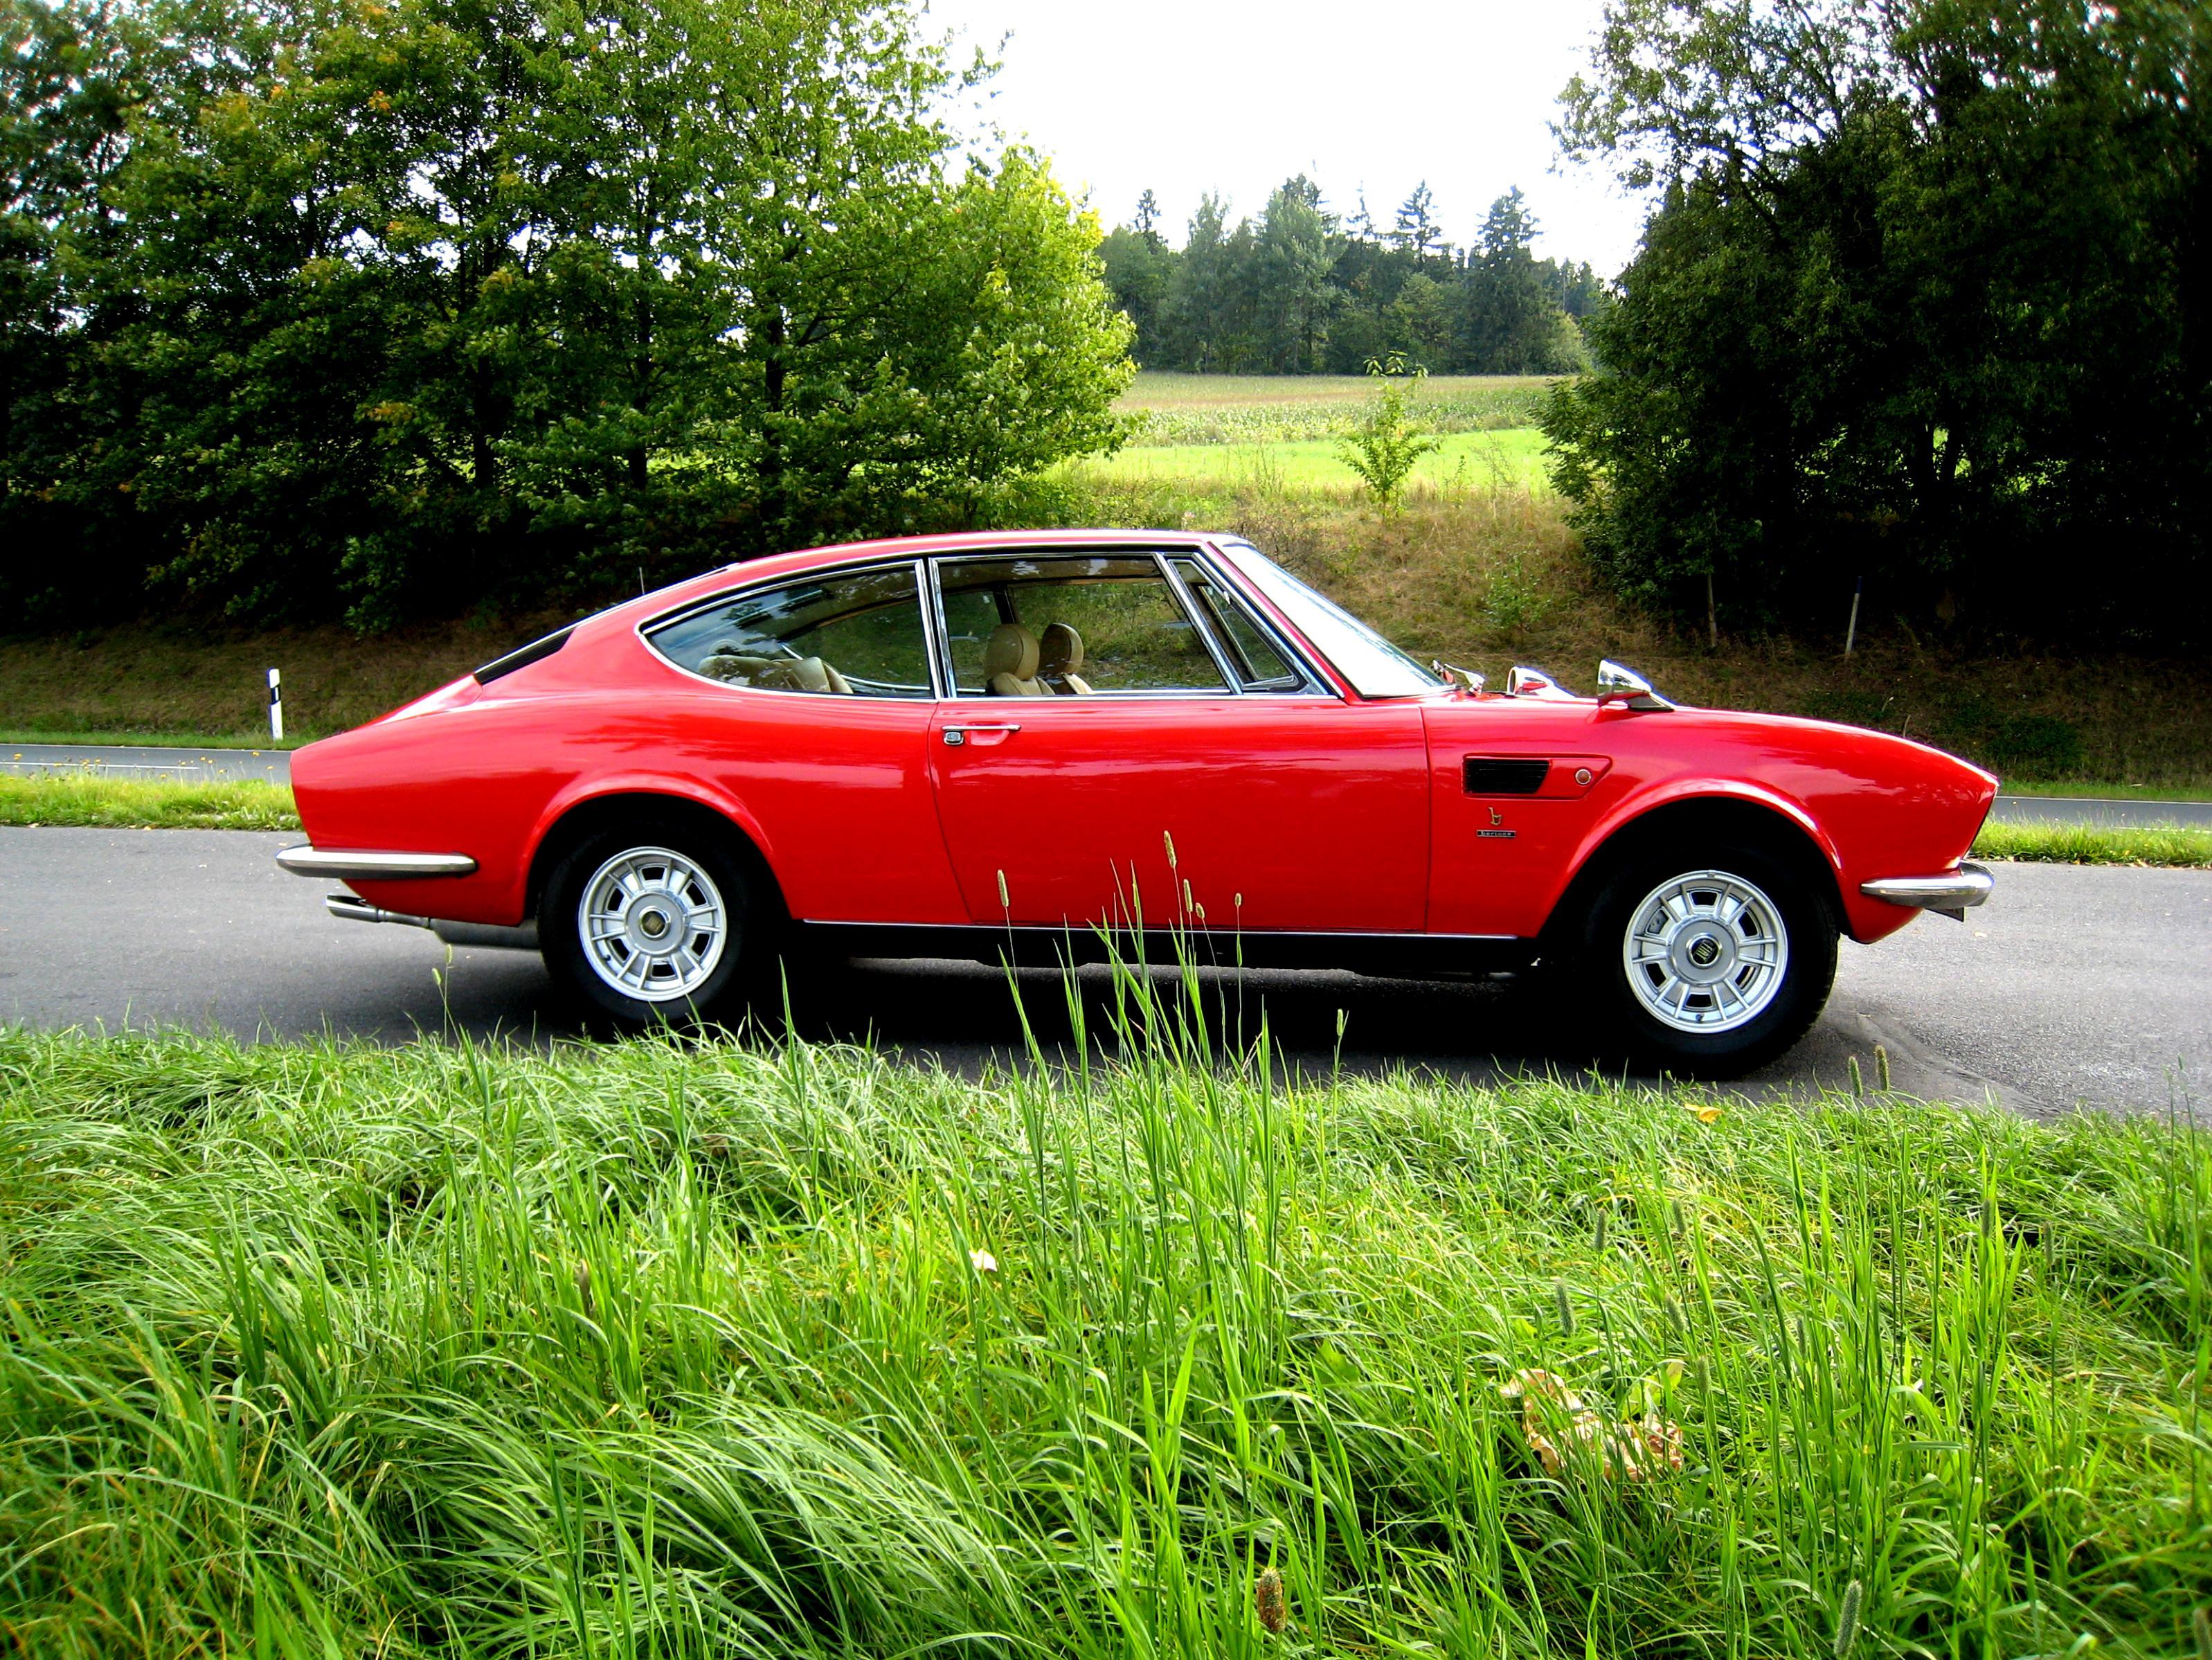 https://motoimg.com/images/lancia-2000-coupe-1971-04.jpg